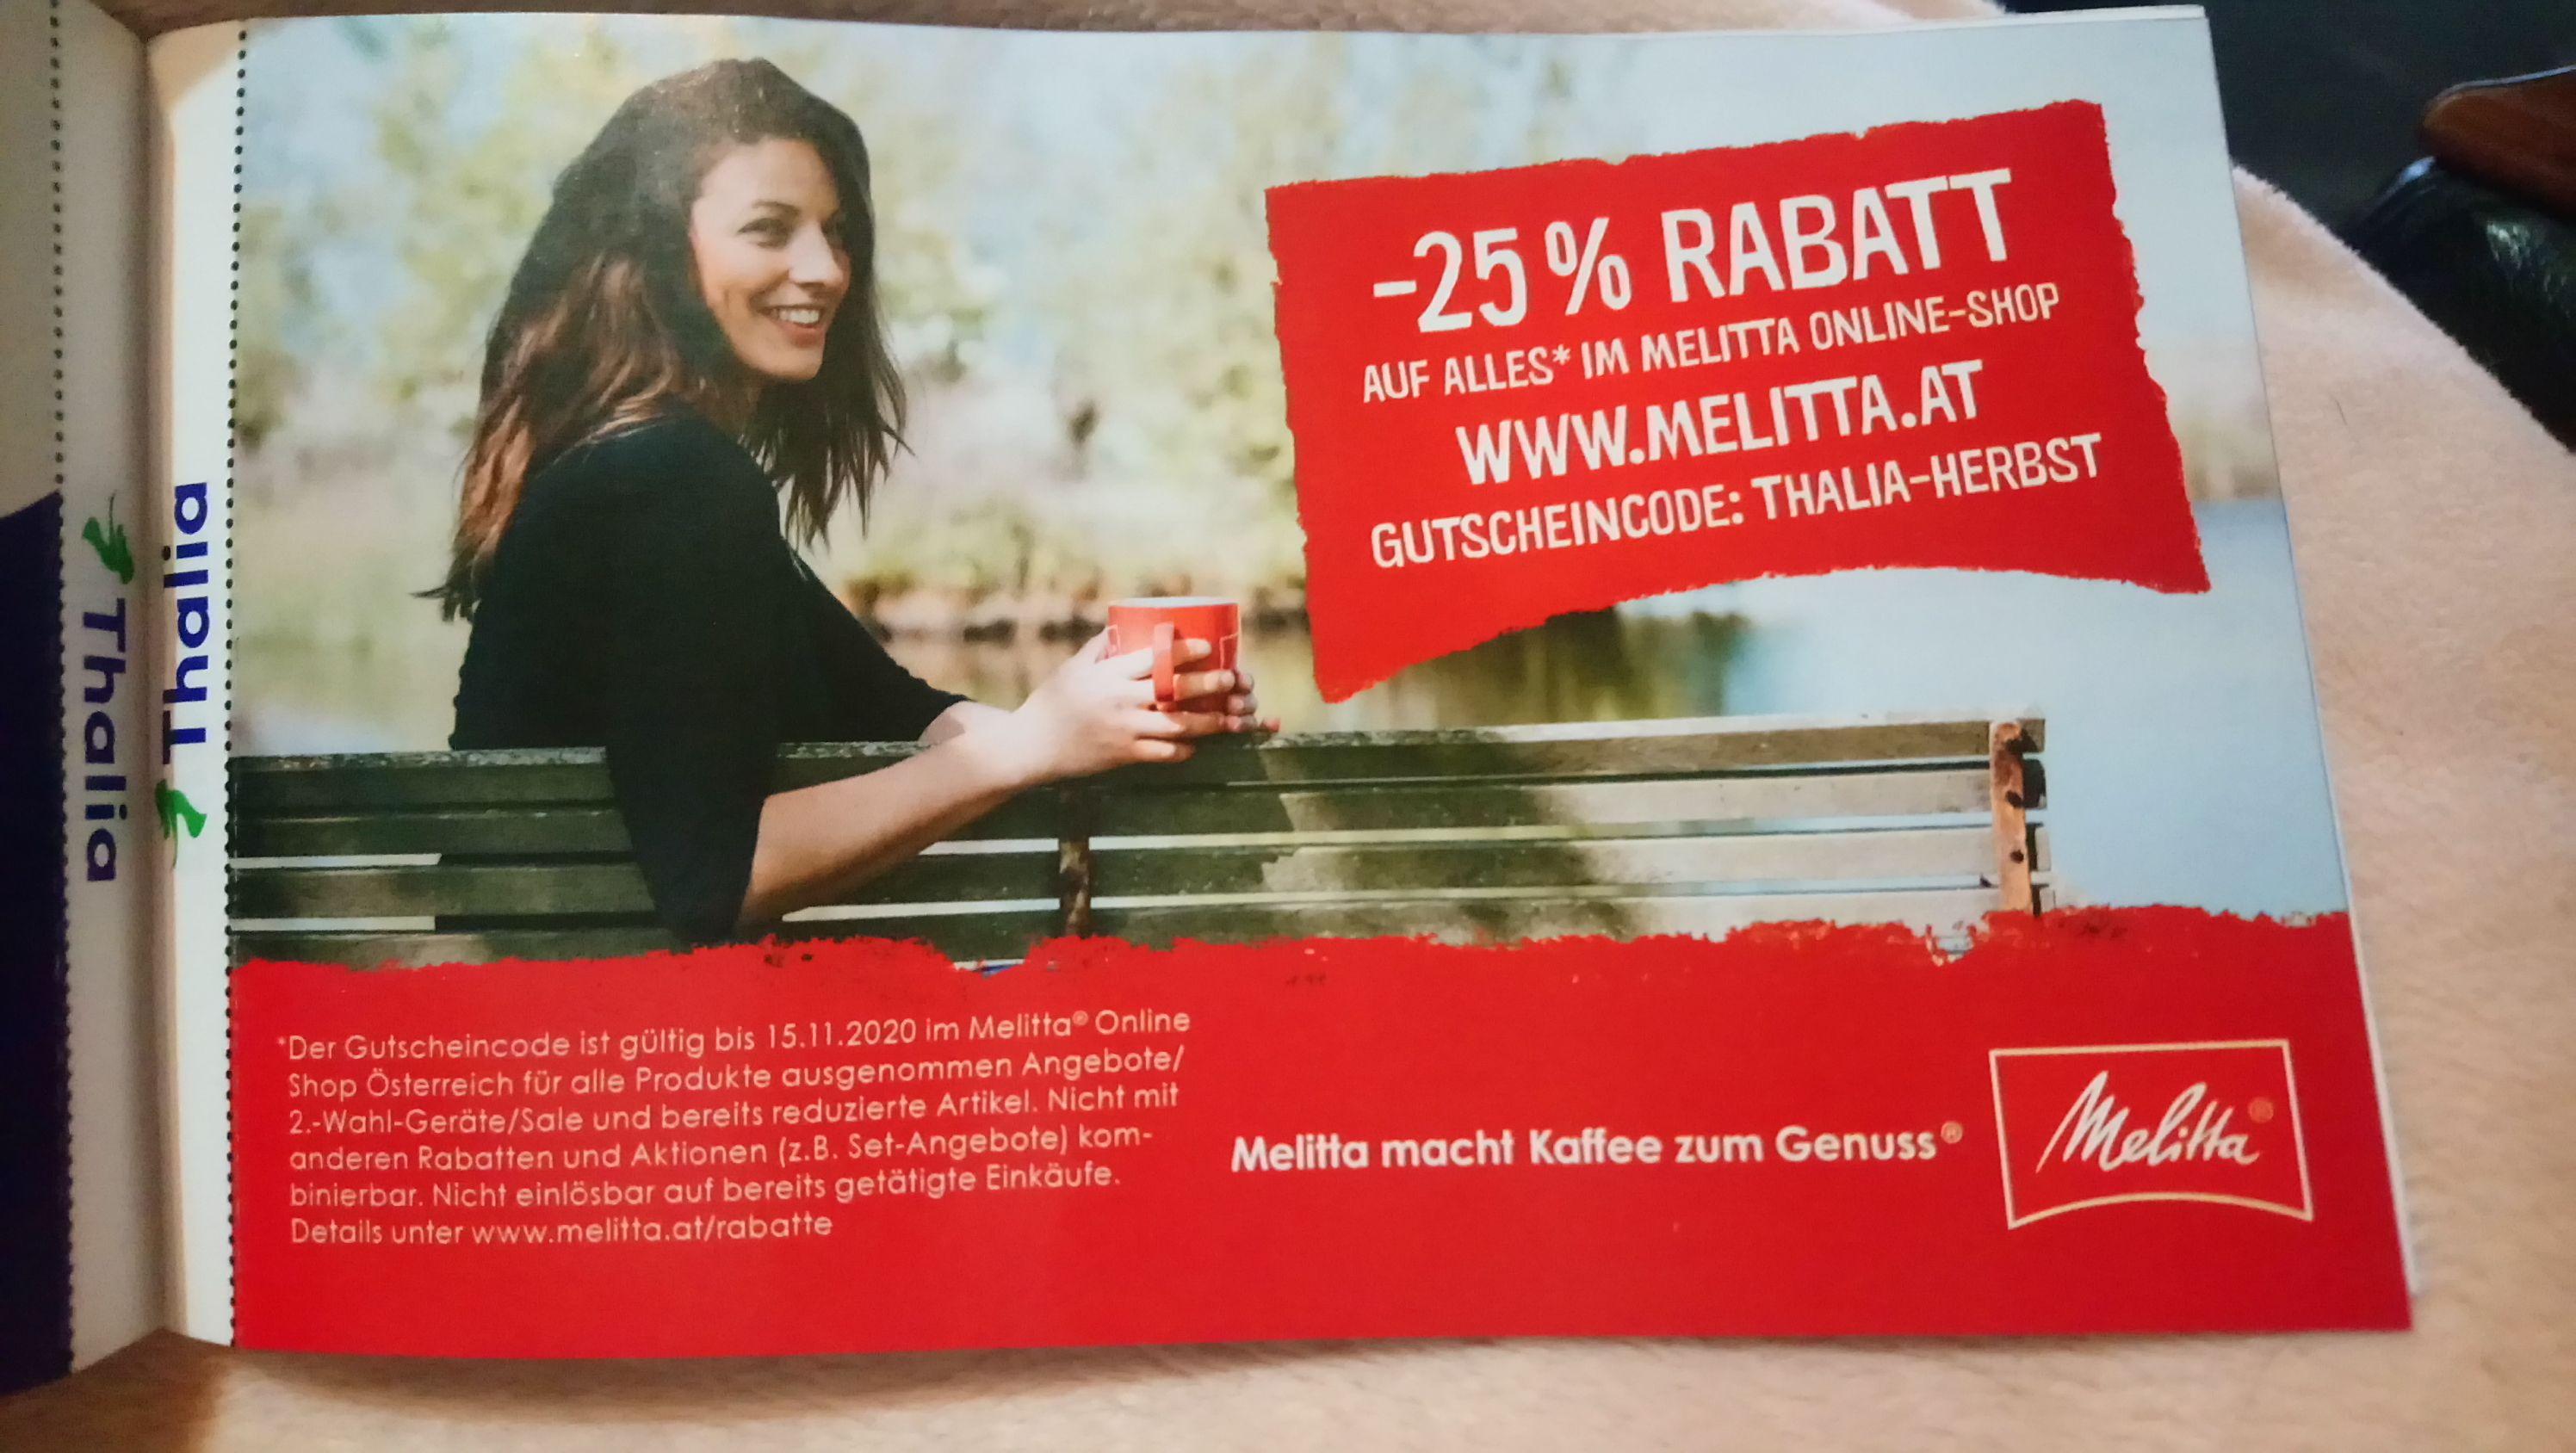 -25% auf MELITTA